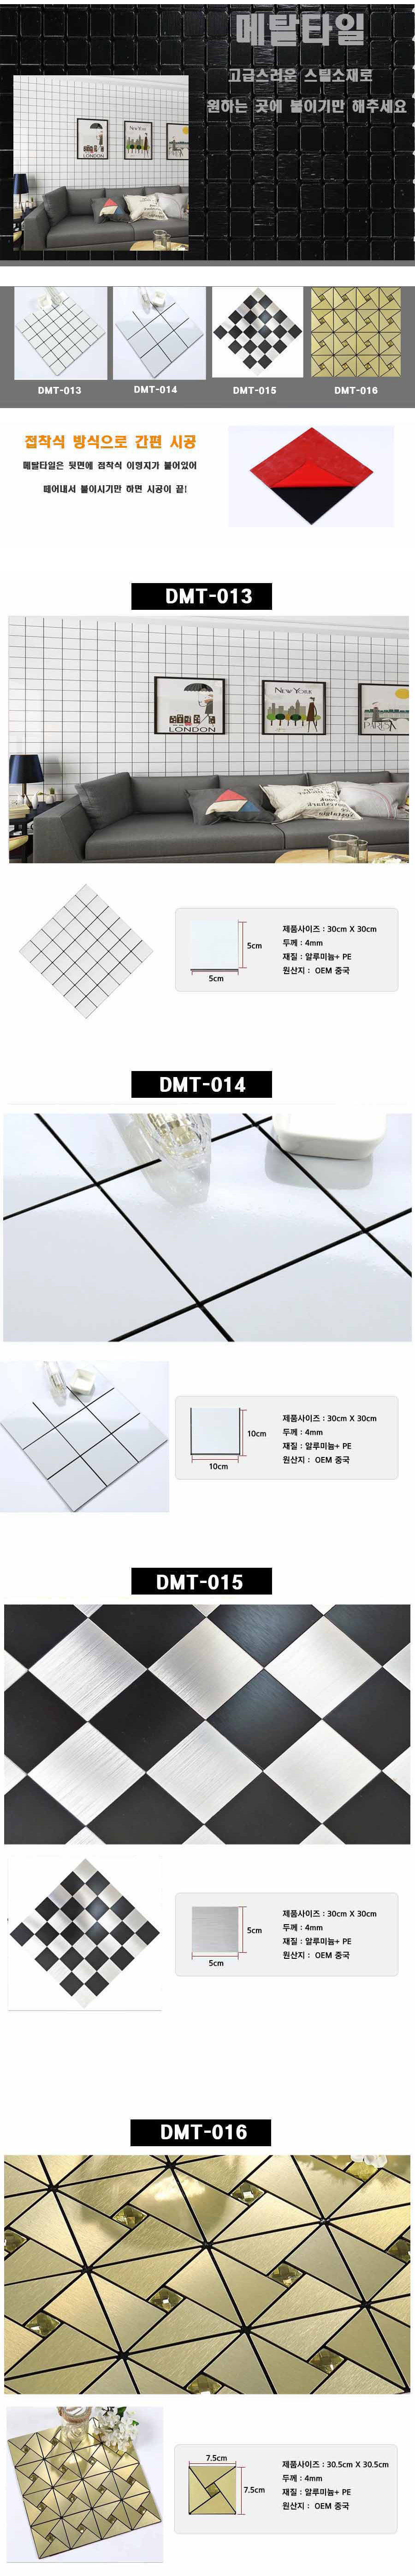 접착식메탈타일 DMT-016(1장) - 디아이와이데코, 5,300원, 타일, 인테리어타일